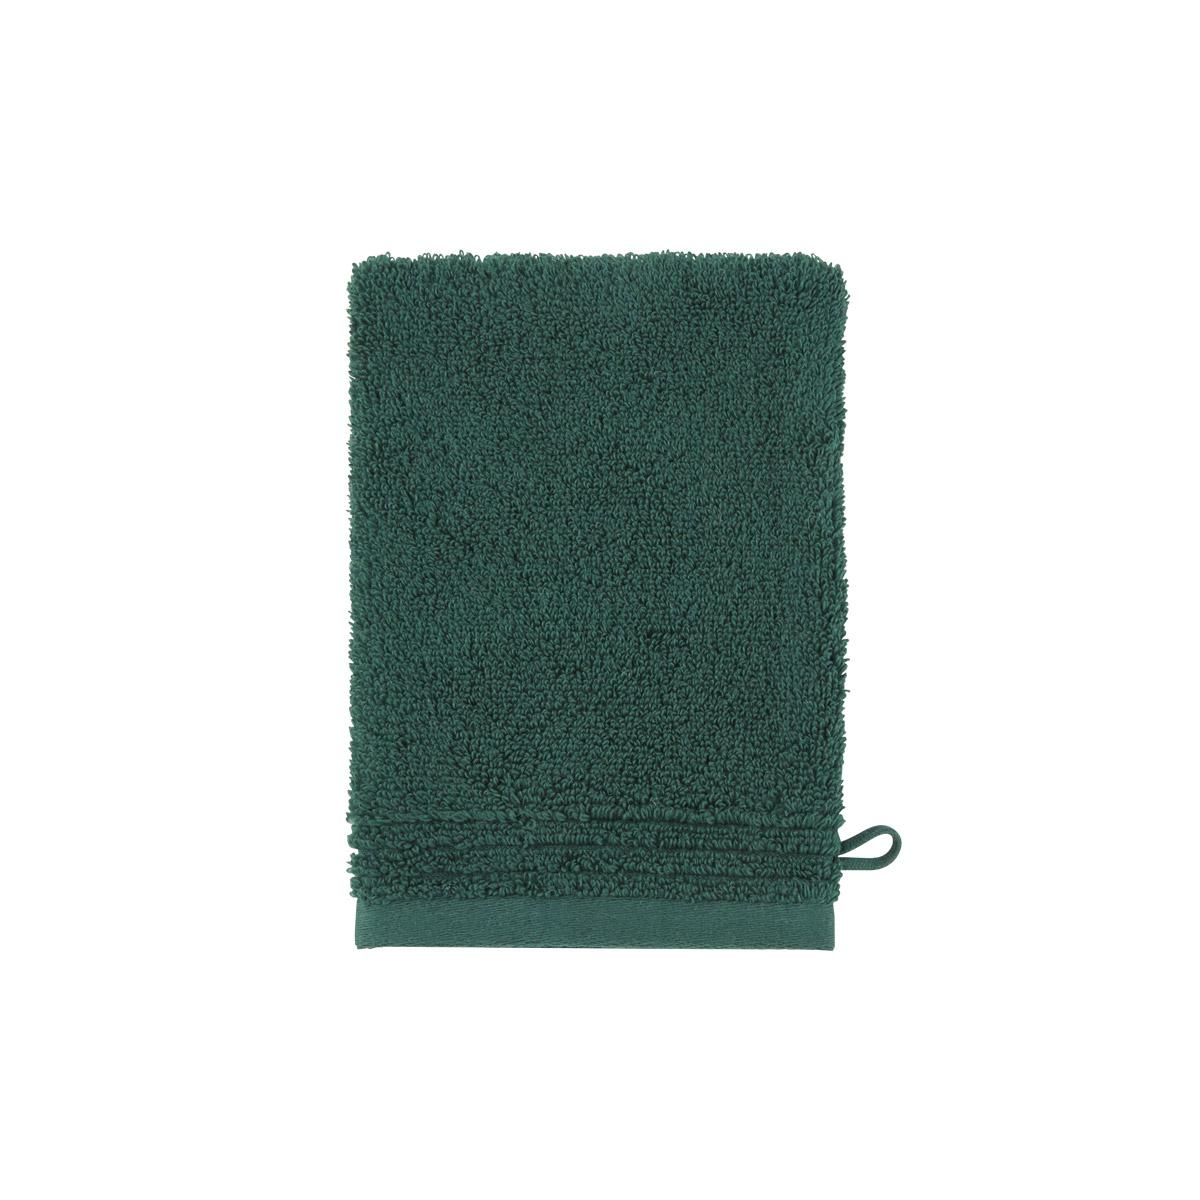 Gant de toilette coton peigné Vert 15 x 21 cm